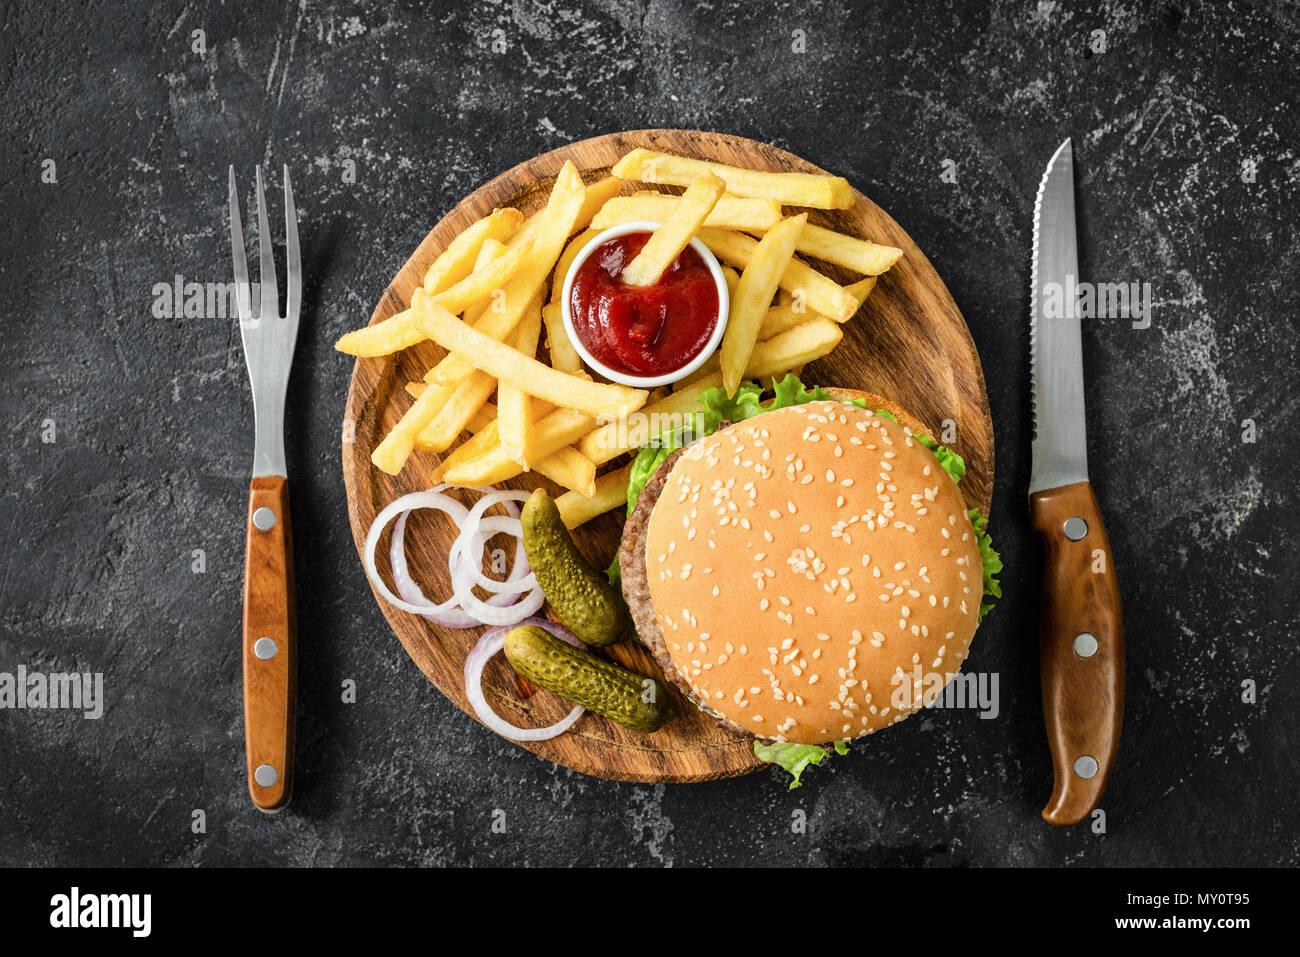 Burger de boeuf, frites, les cornichons, l'oignon et le ketchup. Vue de dessus de table. Concept de restauration rapide Photo Stock